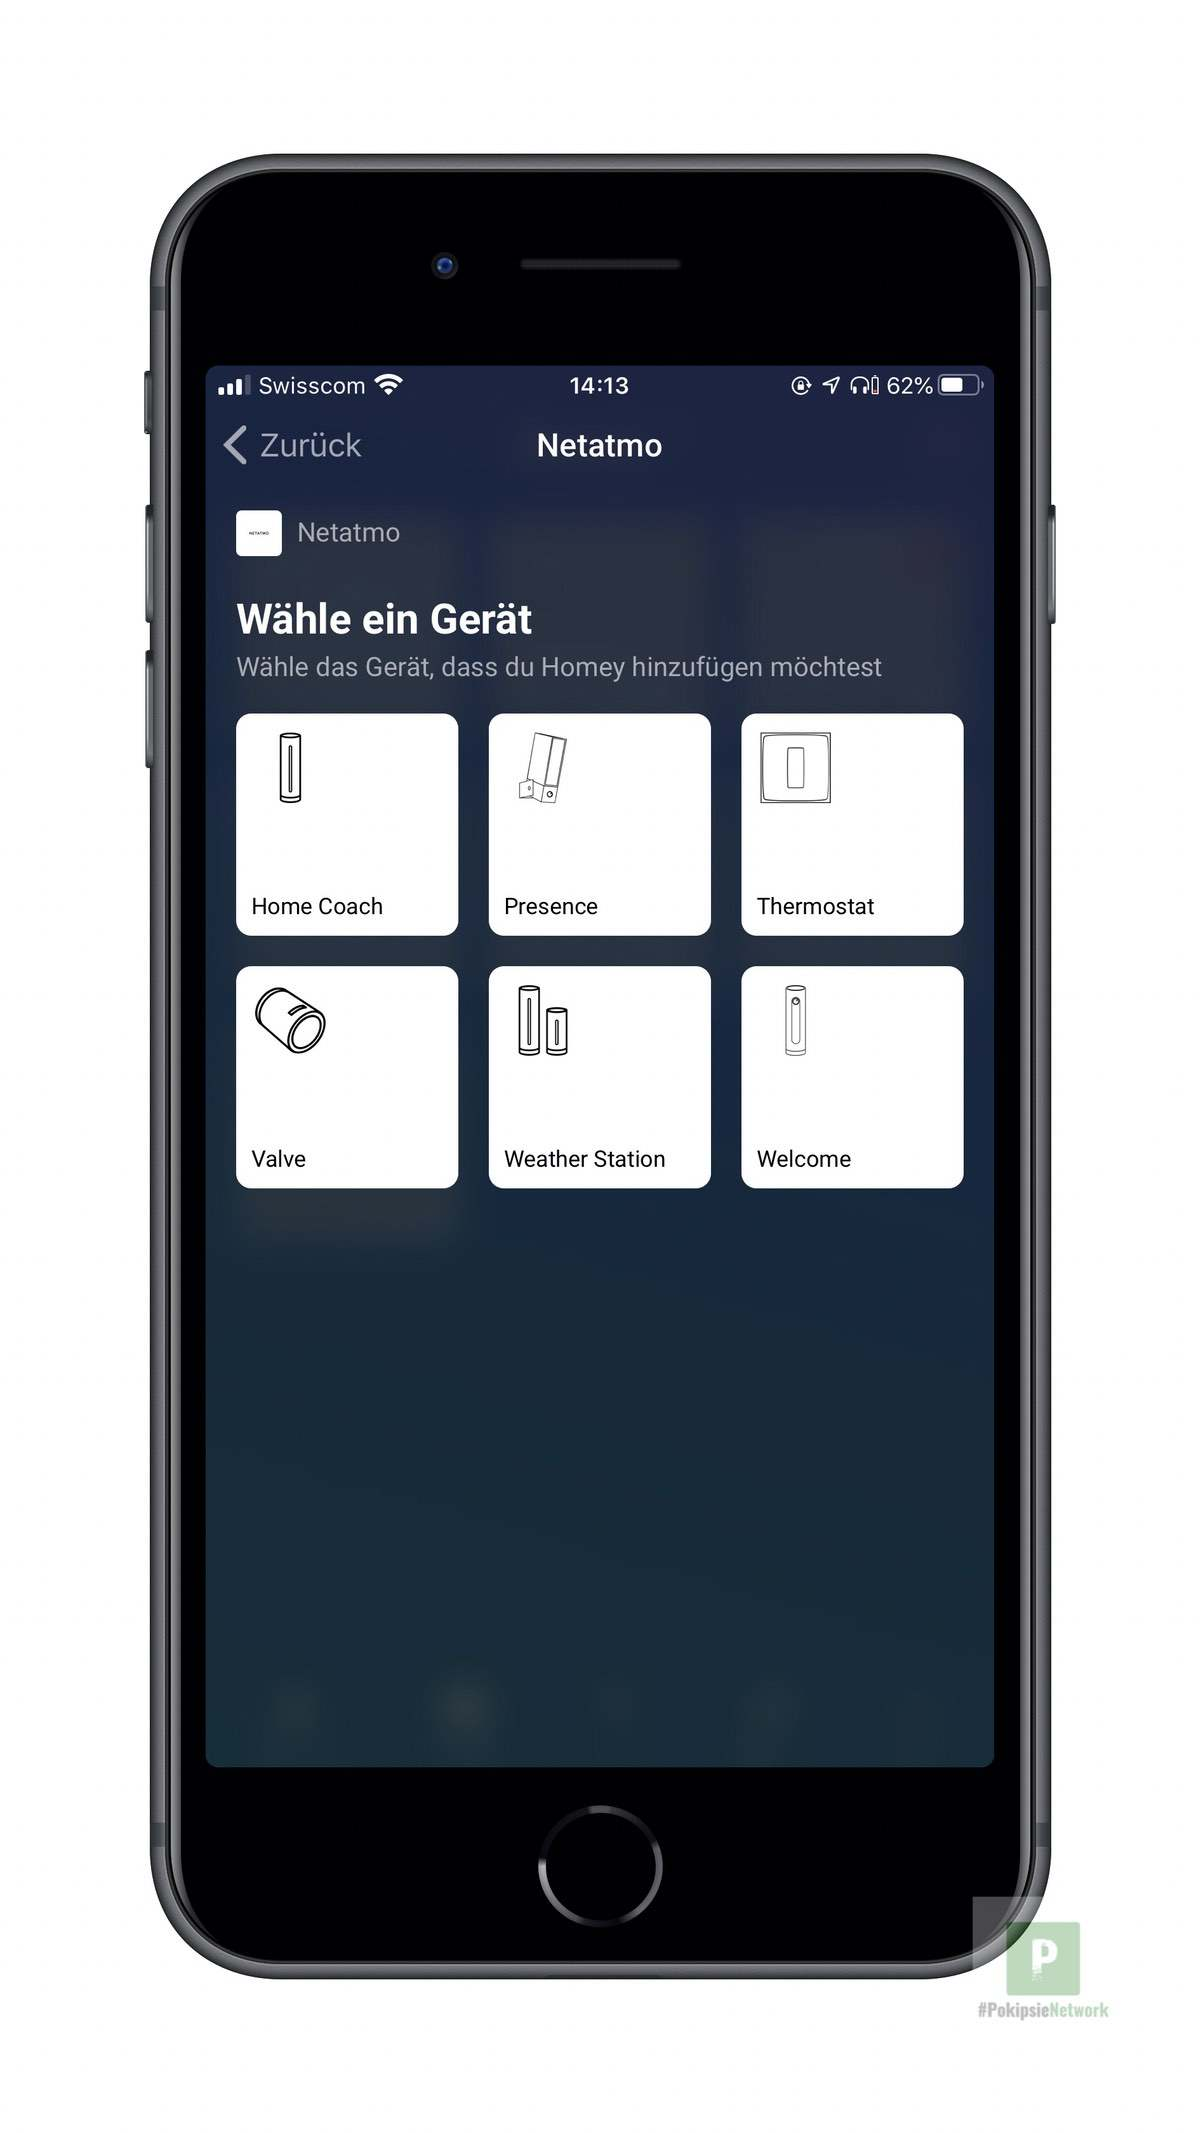 Smarte Wetter-Gadgets einbinden